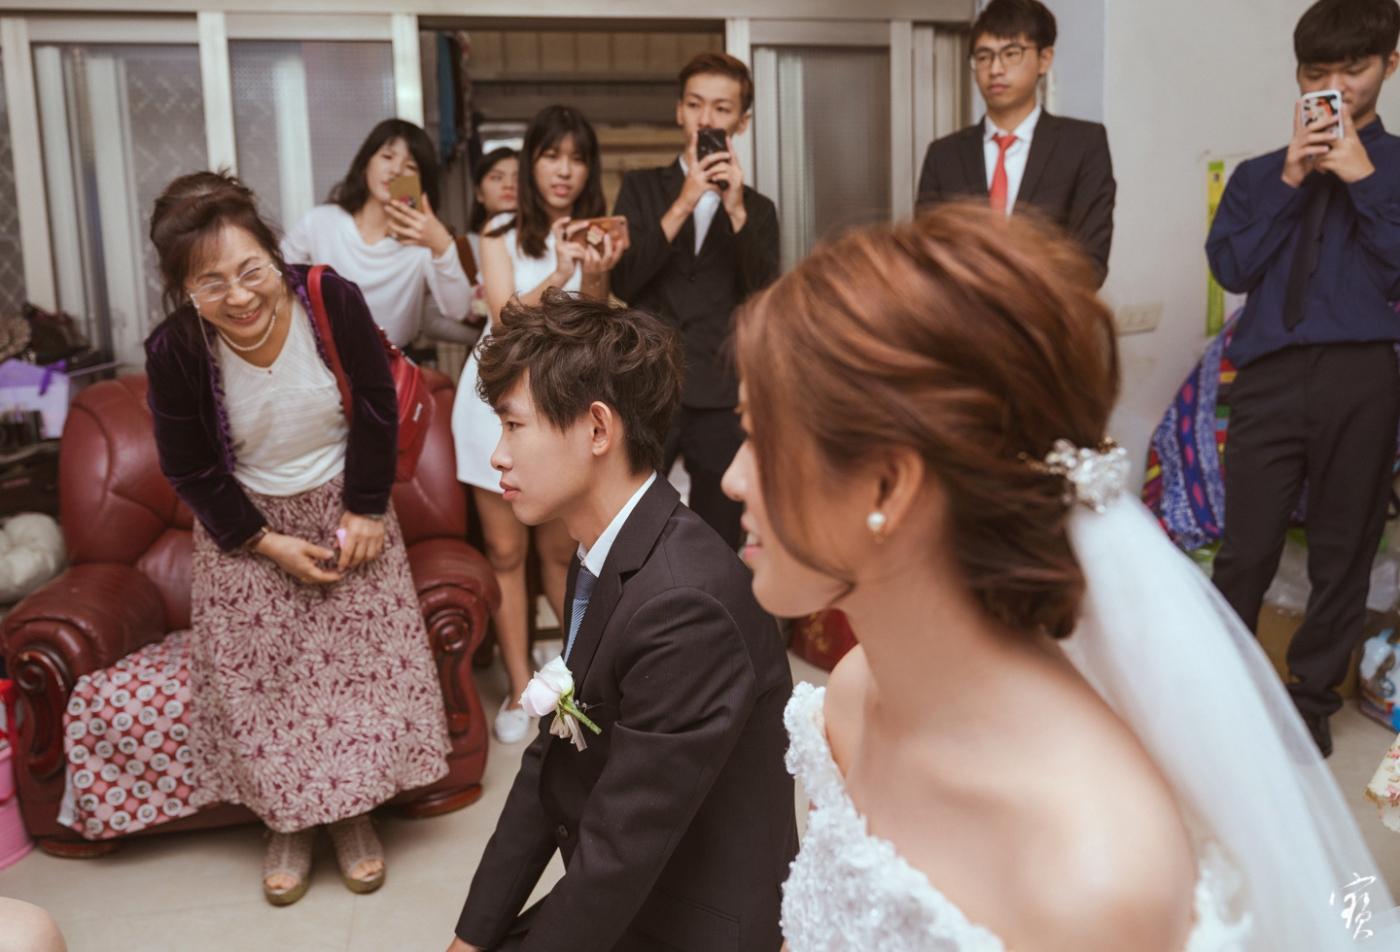 婚禮攝影 新竹彭園 冬伴影像 攝影師大寶 婚紗攝影 新娘新郎 早儀午宴20181125-86